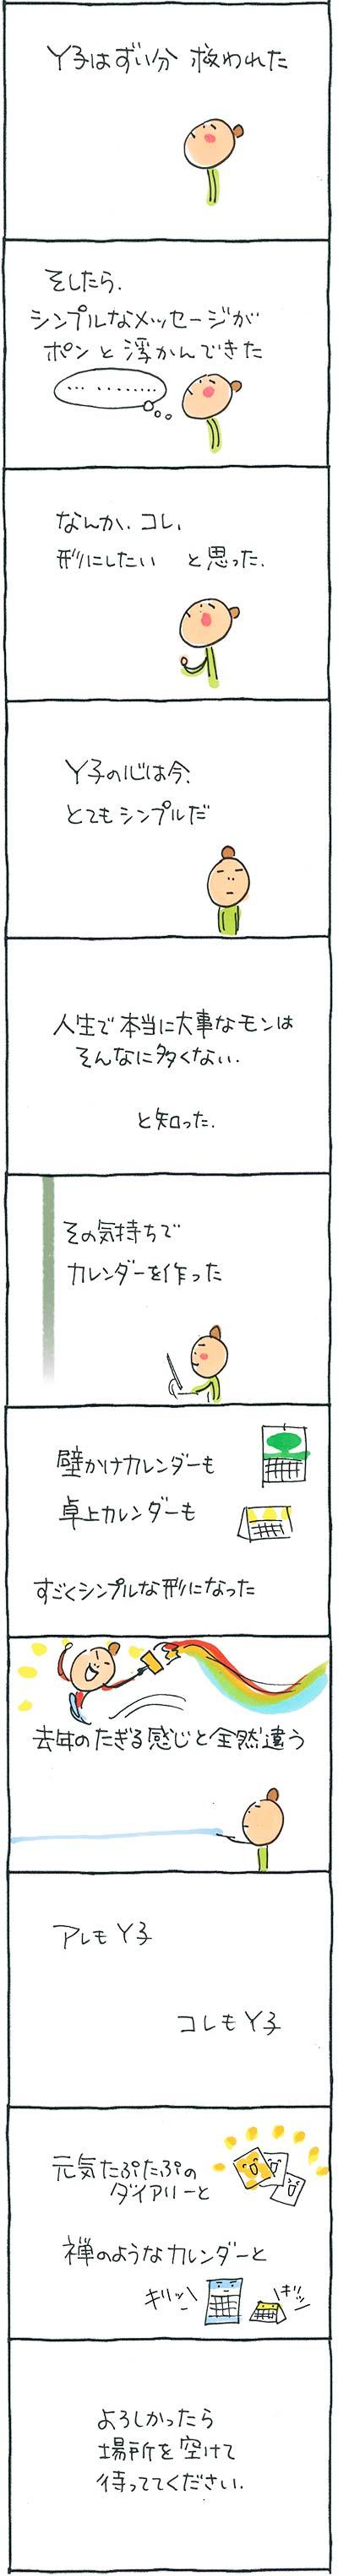 2017Y子ダイアリー04